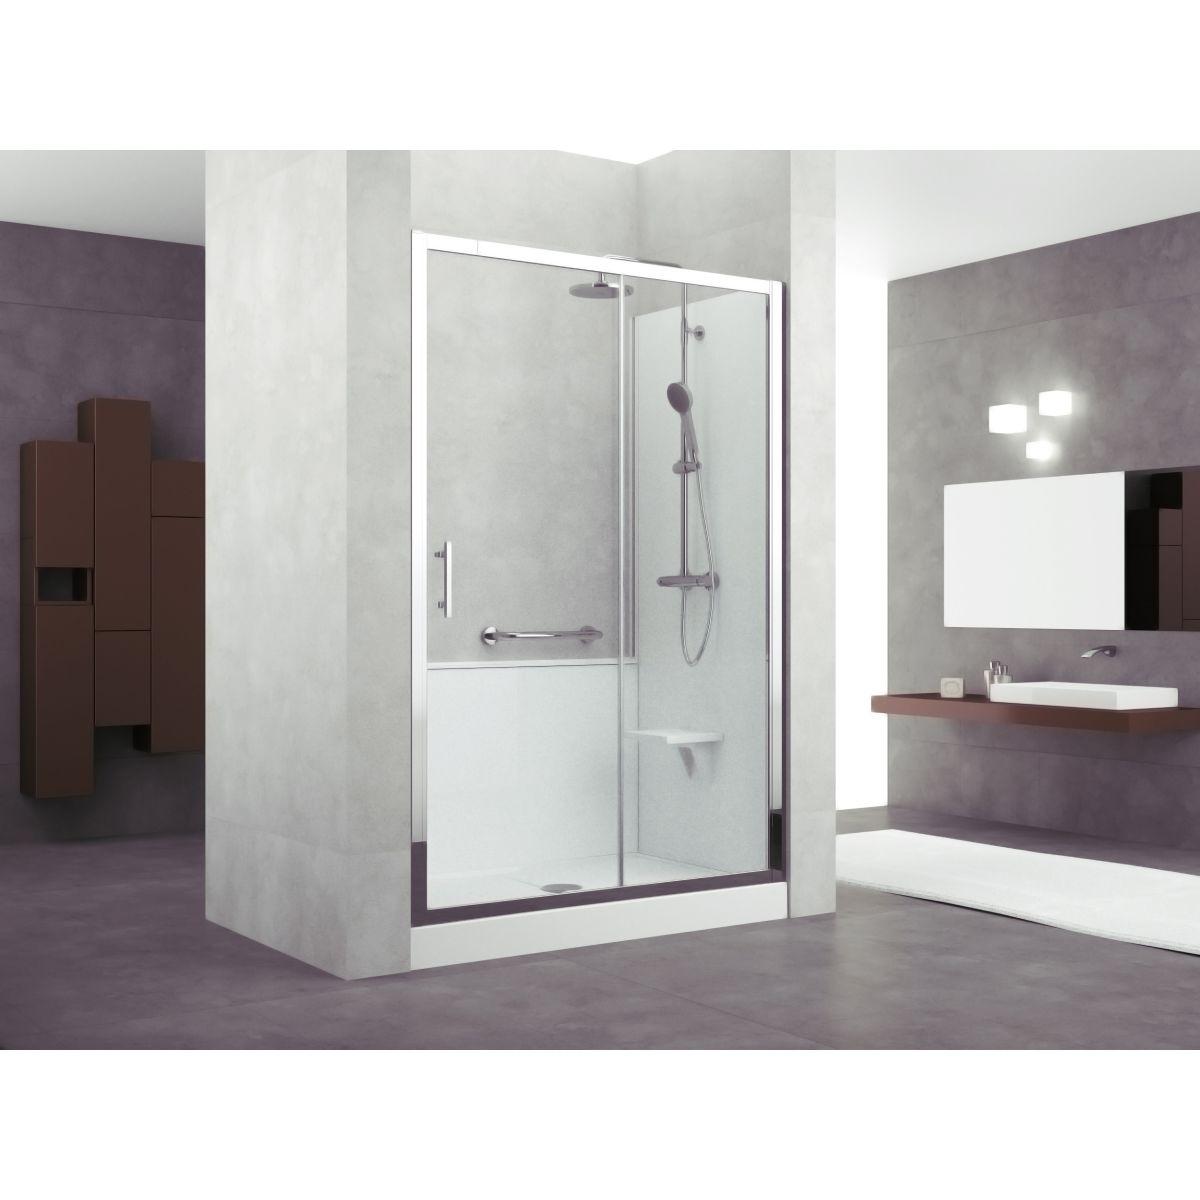 Soluzioni per trasformare la vasca in doccia: prezzi e offerte ...